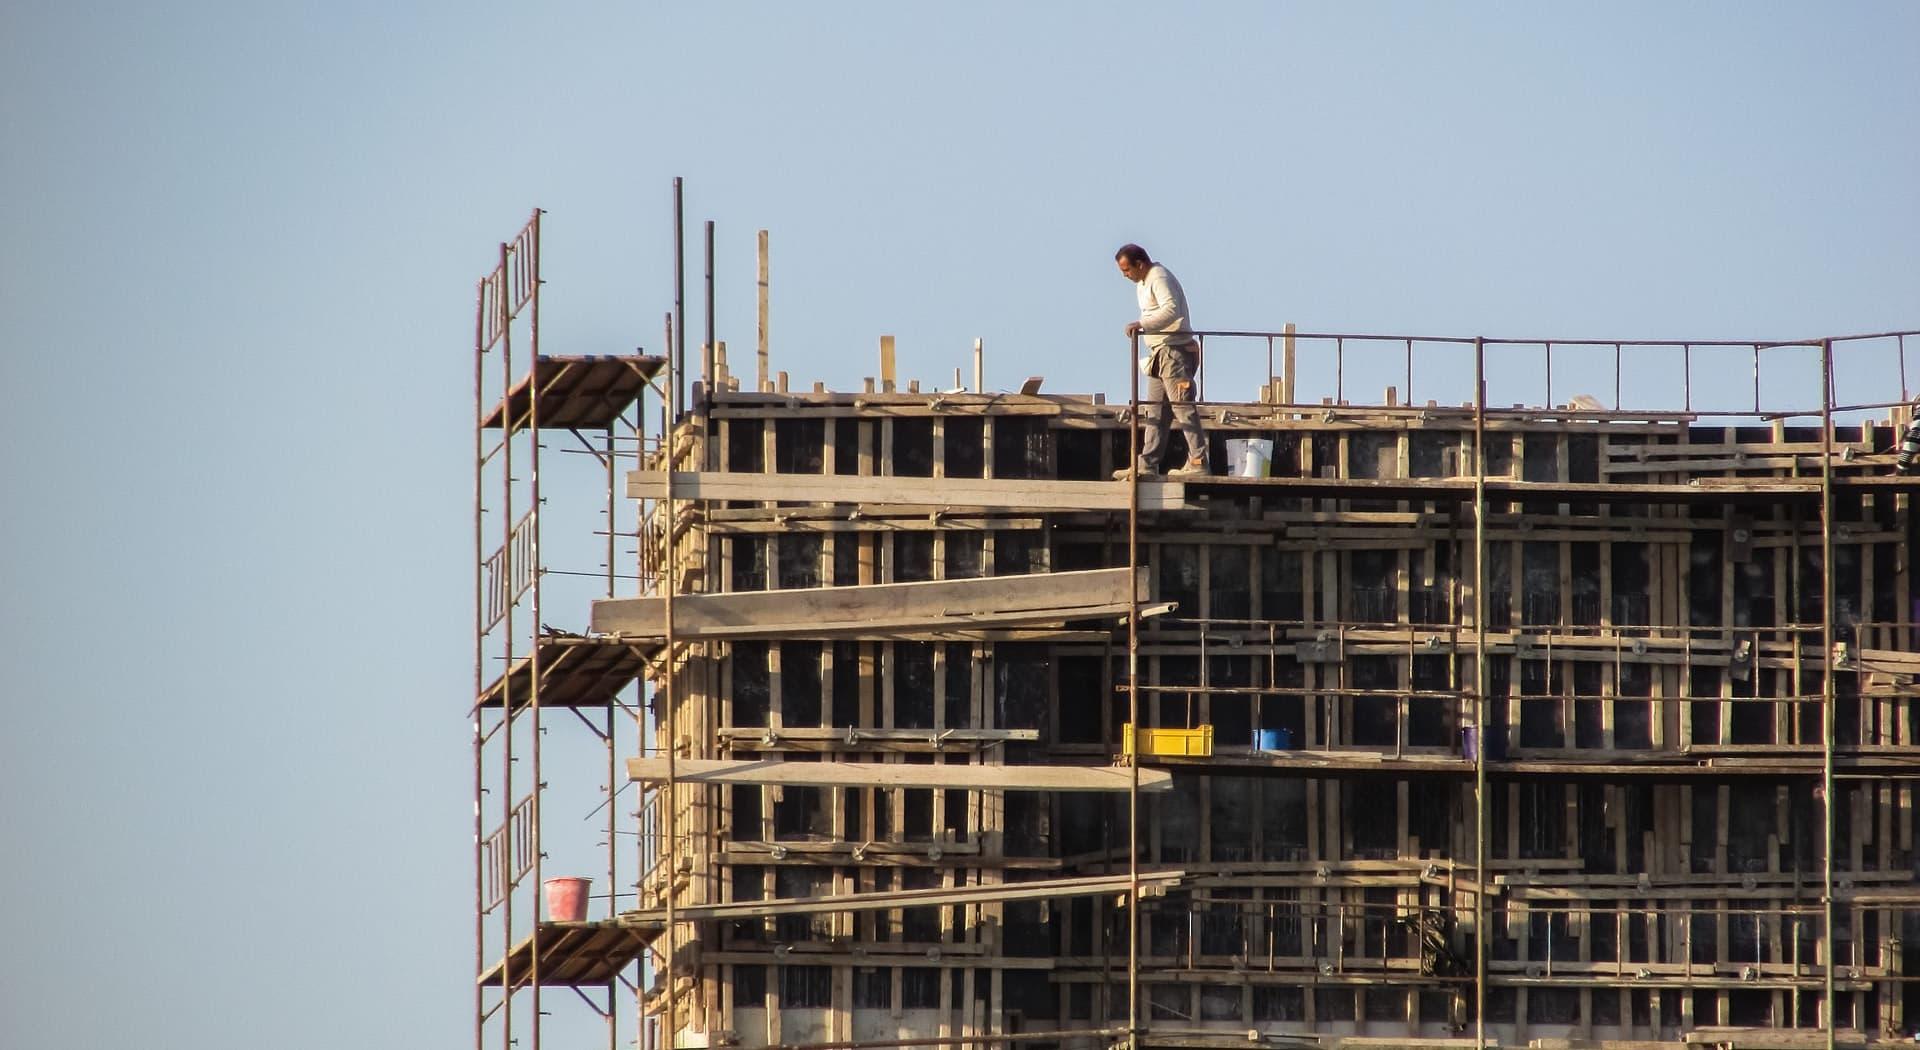 Arbeidsulykker florerer i bygg- og anleggsbransjen. Her er unge arbeidstakere mest utsatt for arbeidsulykker.